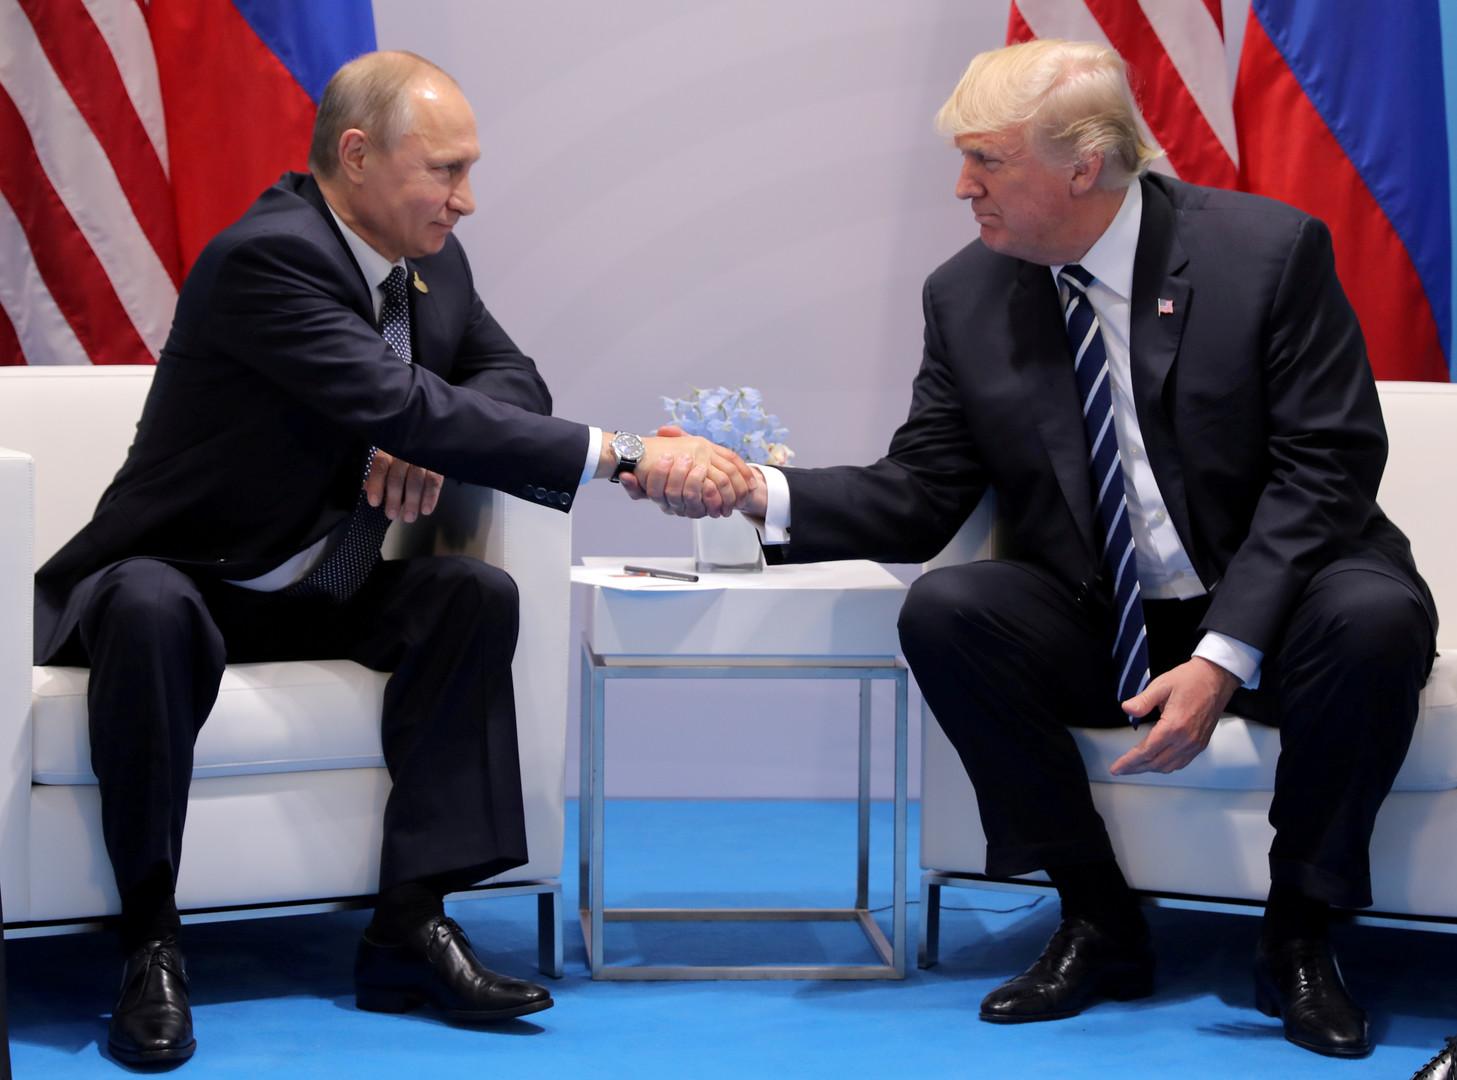 سلسلة رؤساء الاتحاد الروسي.. فلاديمير بوتين والالتفاف نحو الشرق